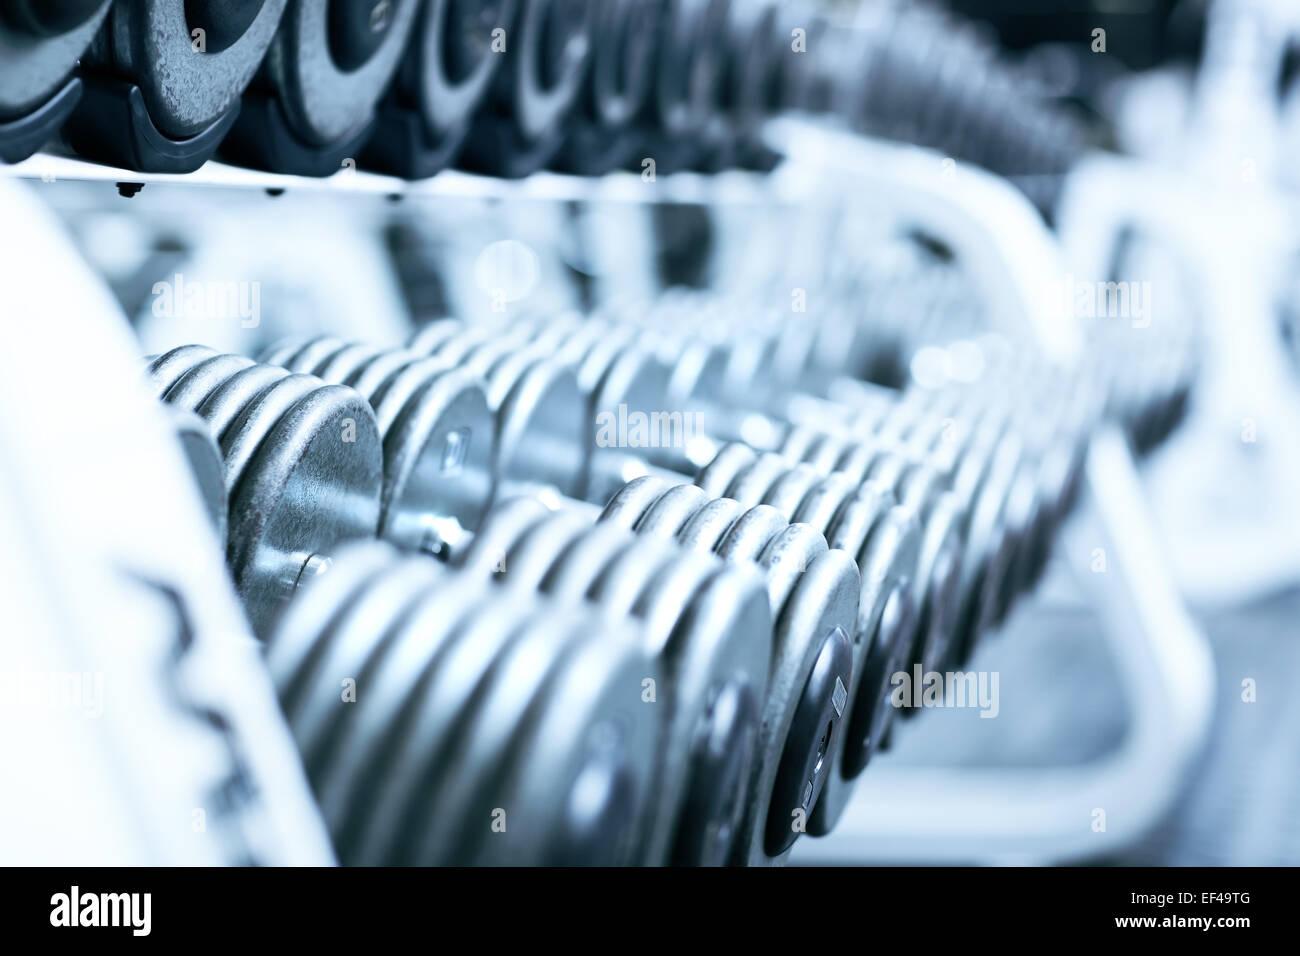 Las pesas en el gimnasio. Tinte azul suave. Imagen De Stock